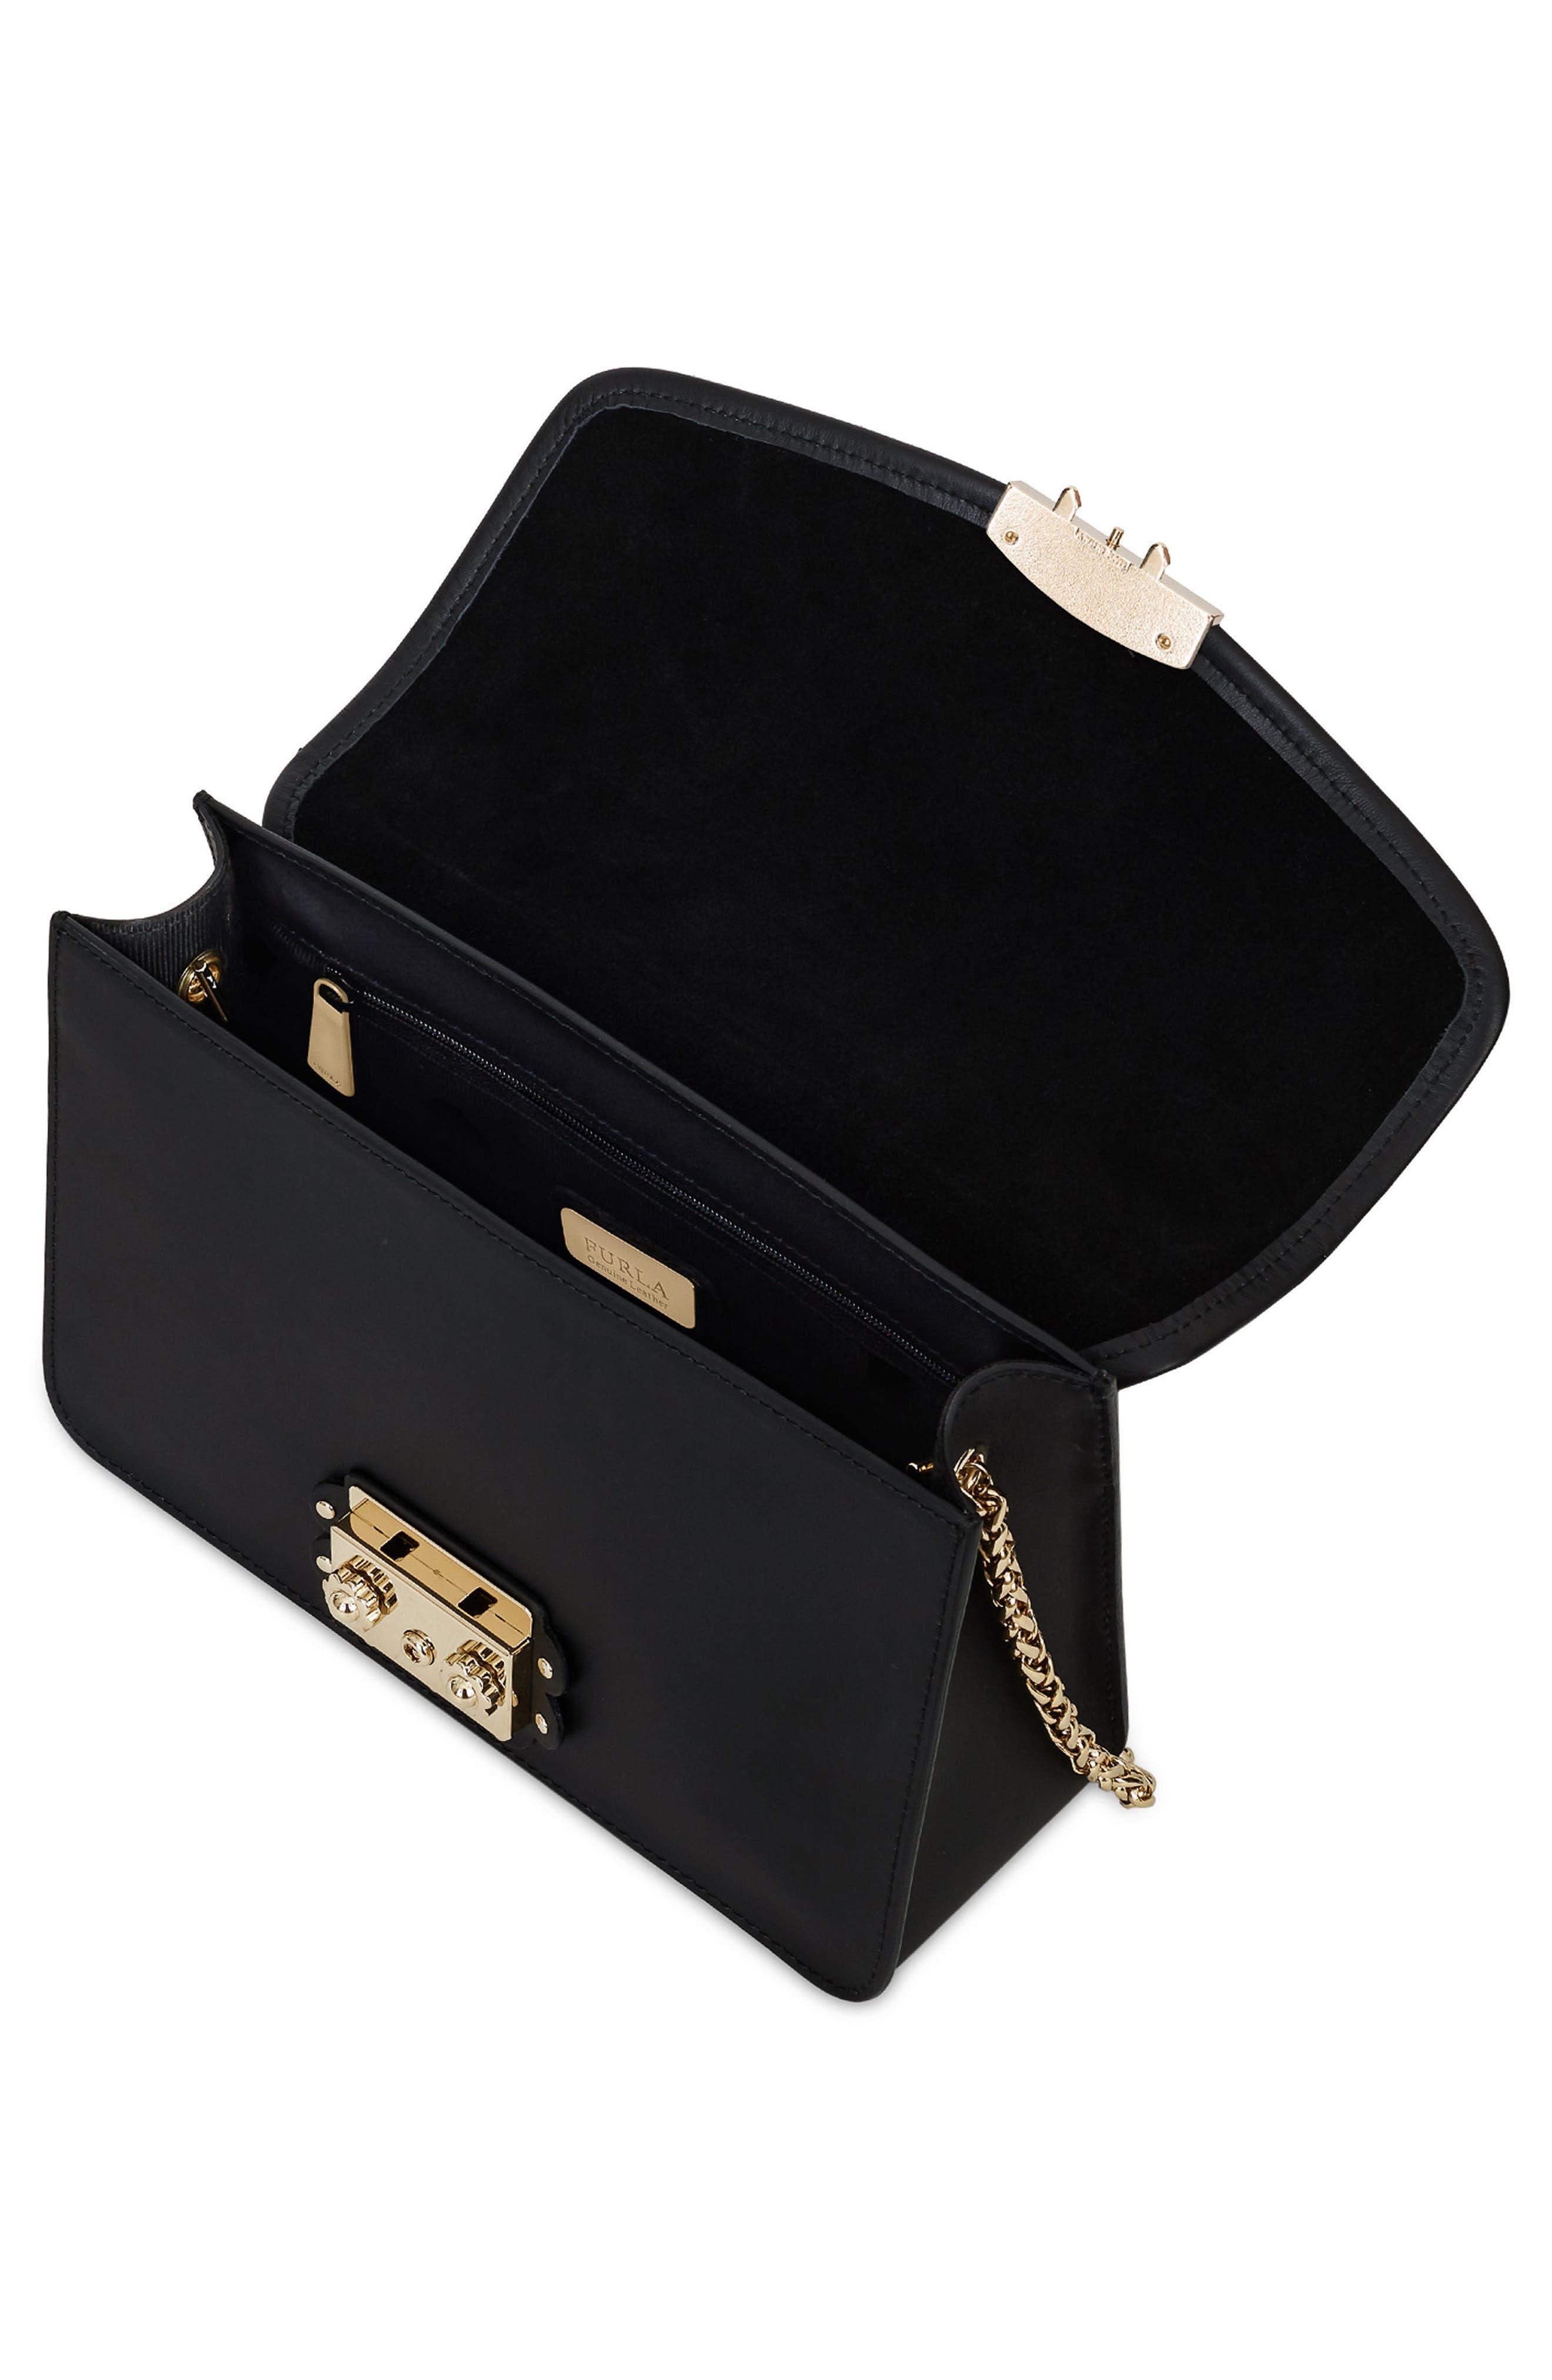 Metropolis Arabesque Leather Shoulder Bag,                             Alternate thumbnail 3, color,                             001